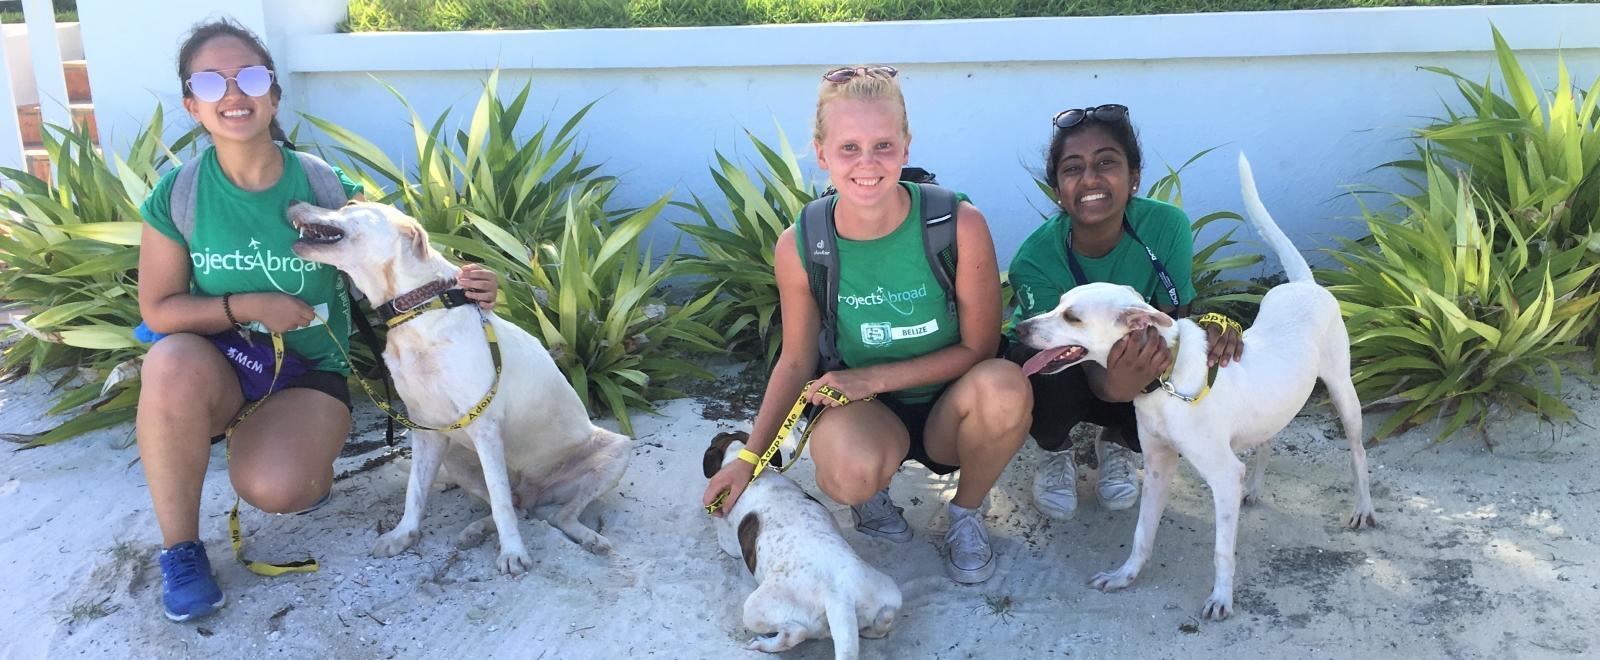 Voluntarios de cuidado animal paseando a los perros durante su programa.